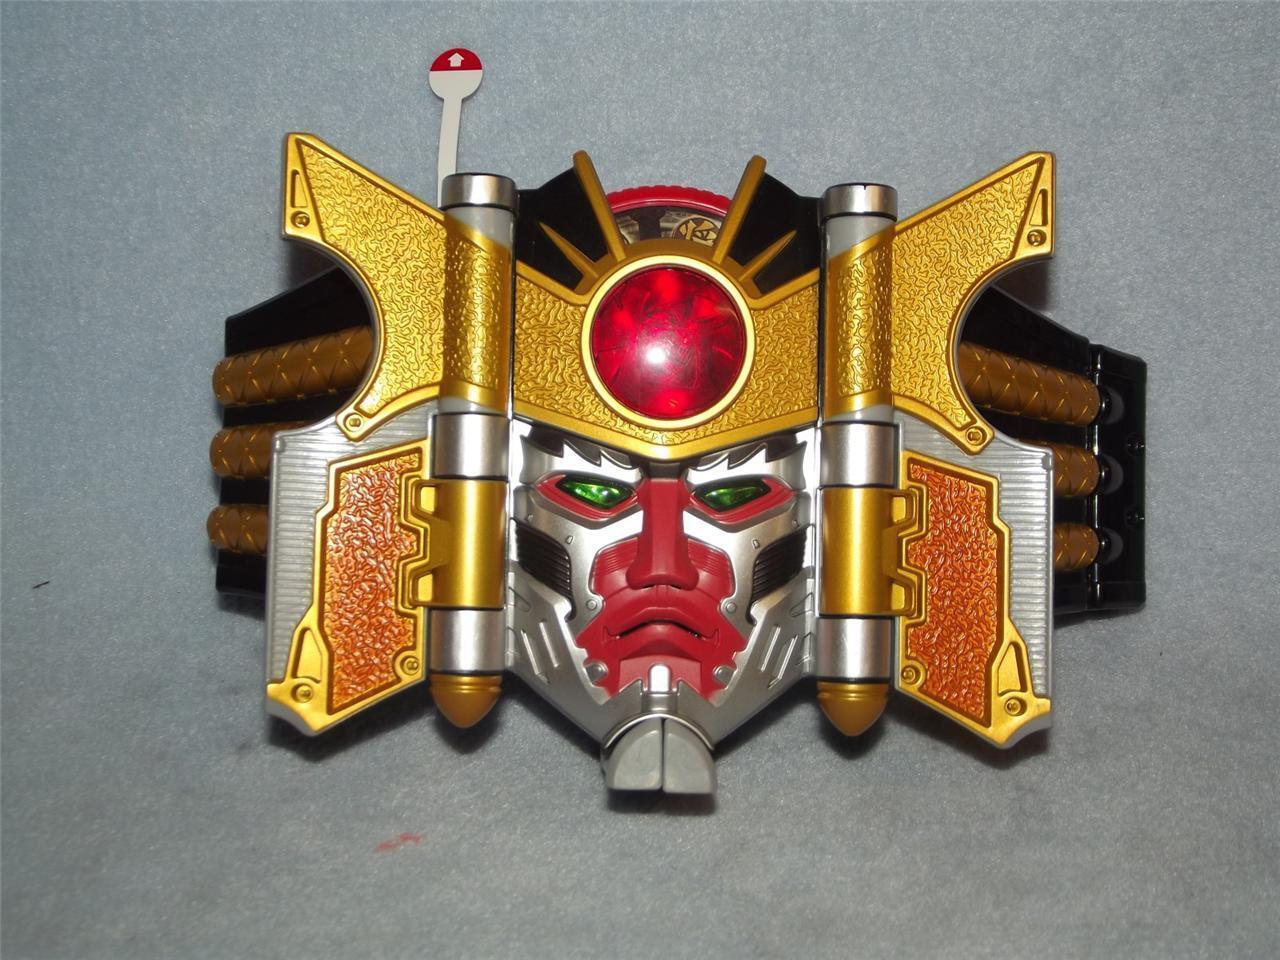 Power Rangers Rangers Rangers Super Samurai  Deluxe Battle Gear Shogun Buckle f925f7